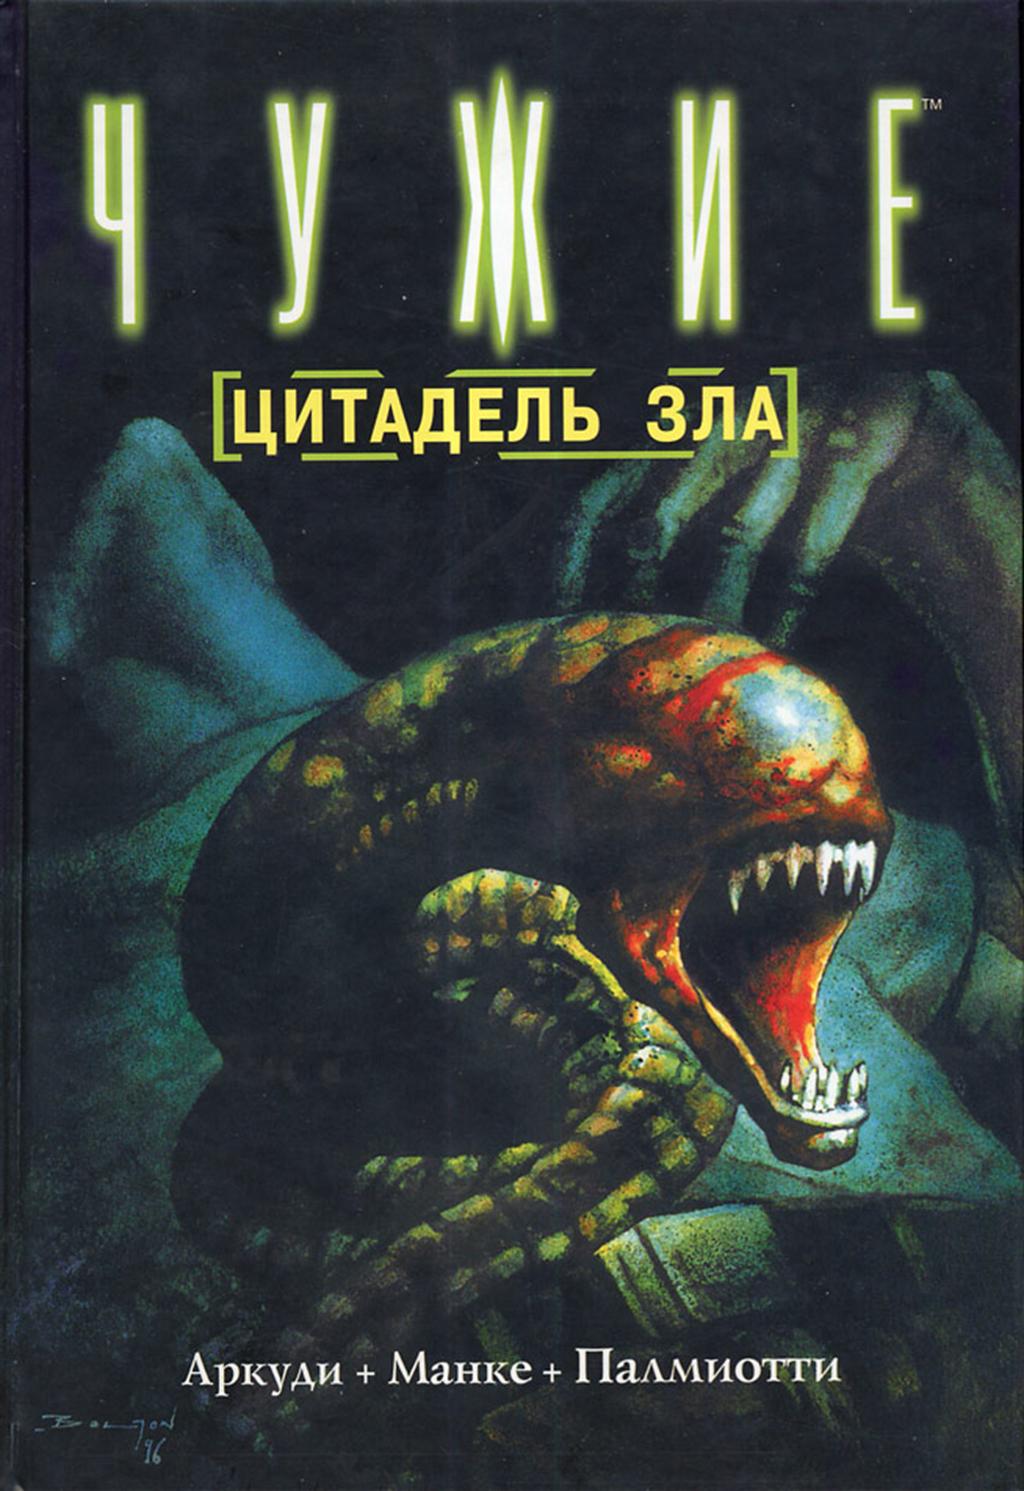 Комикс Чужие Цитадель Зла